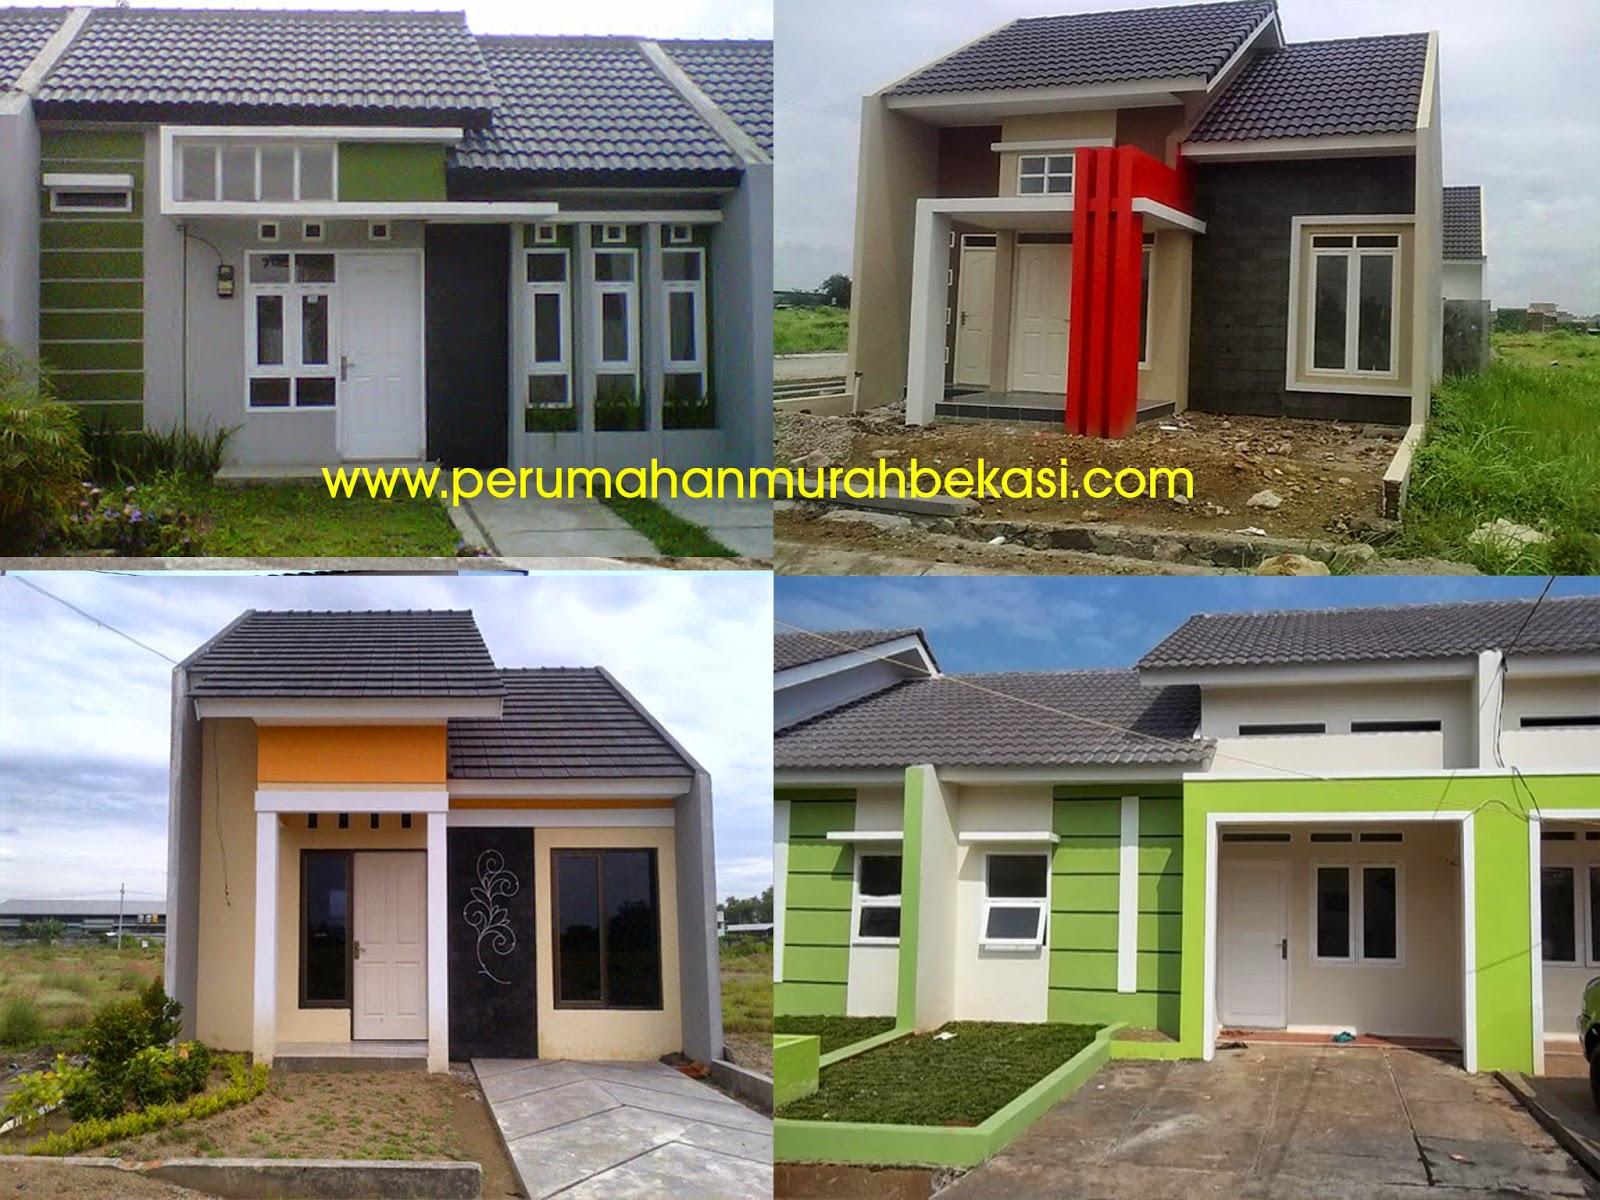 Gambar Contoh Rumah Minimalis Cluster Interior Rumah